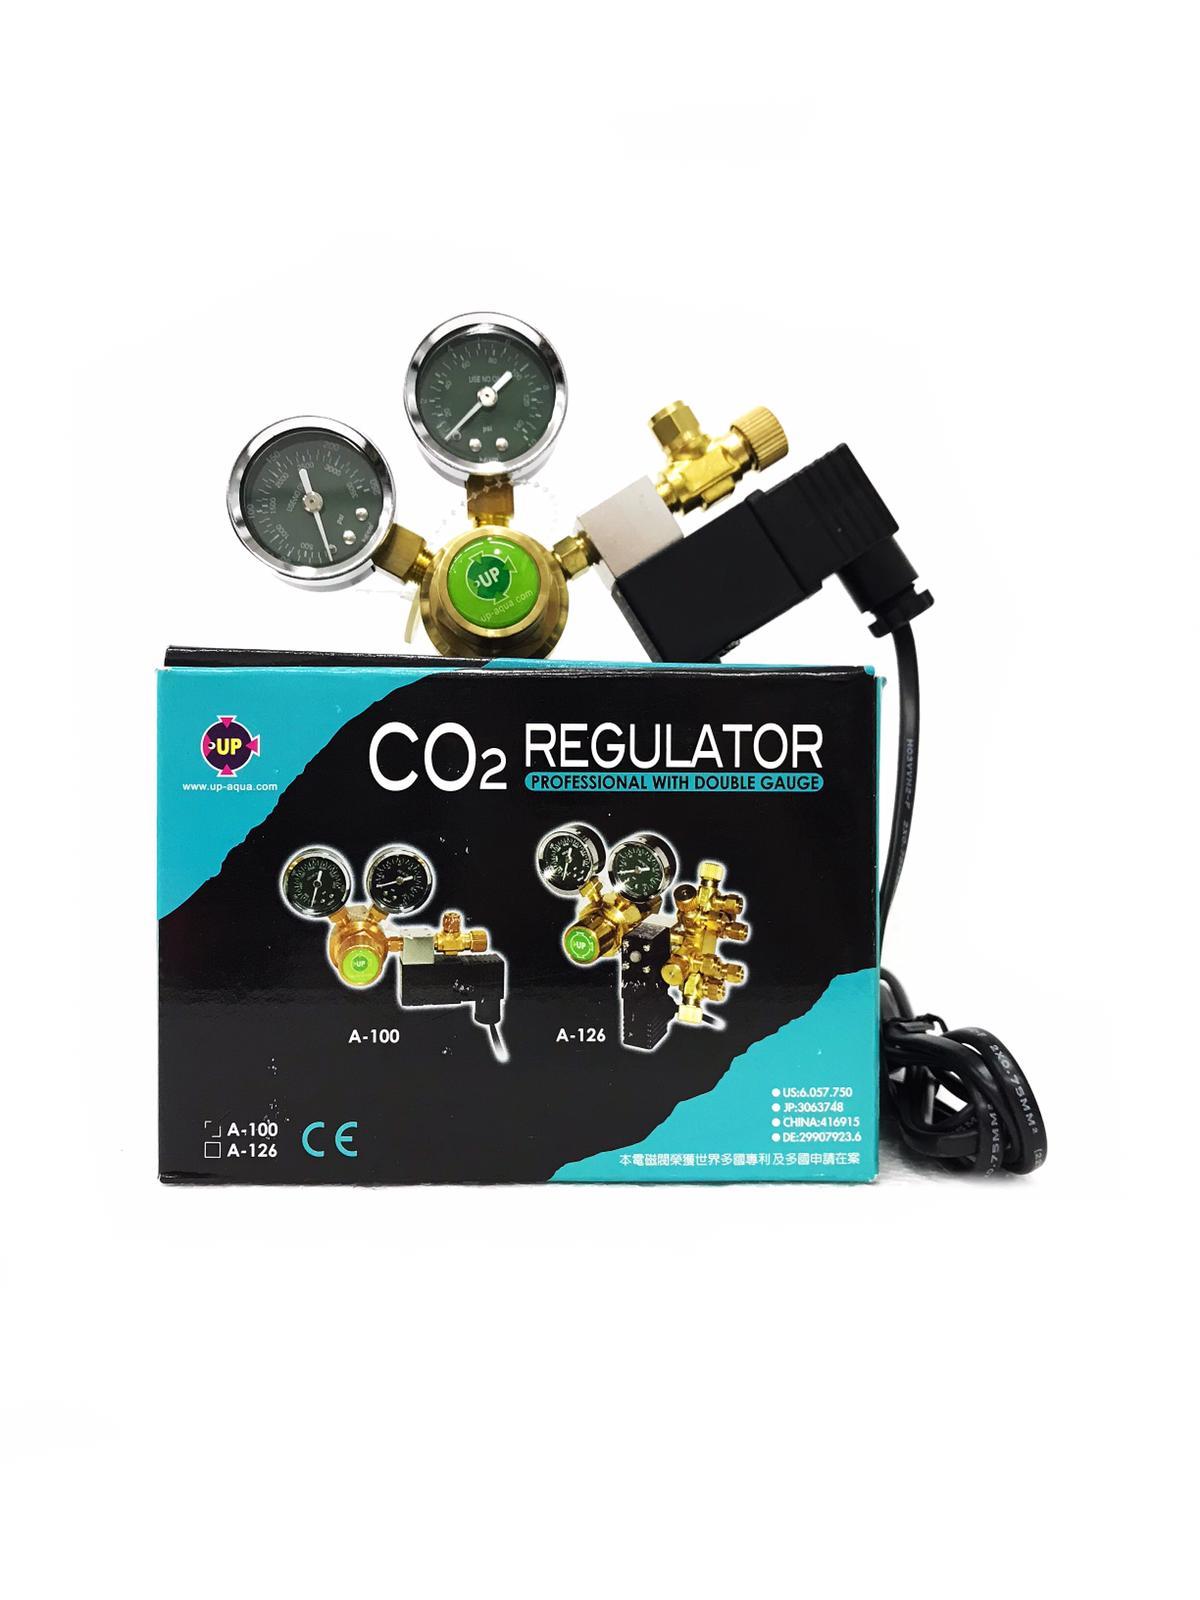 Up Co2 Regulator A-100